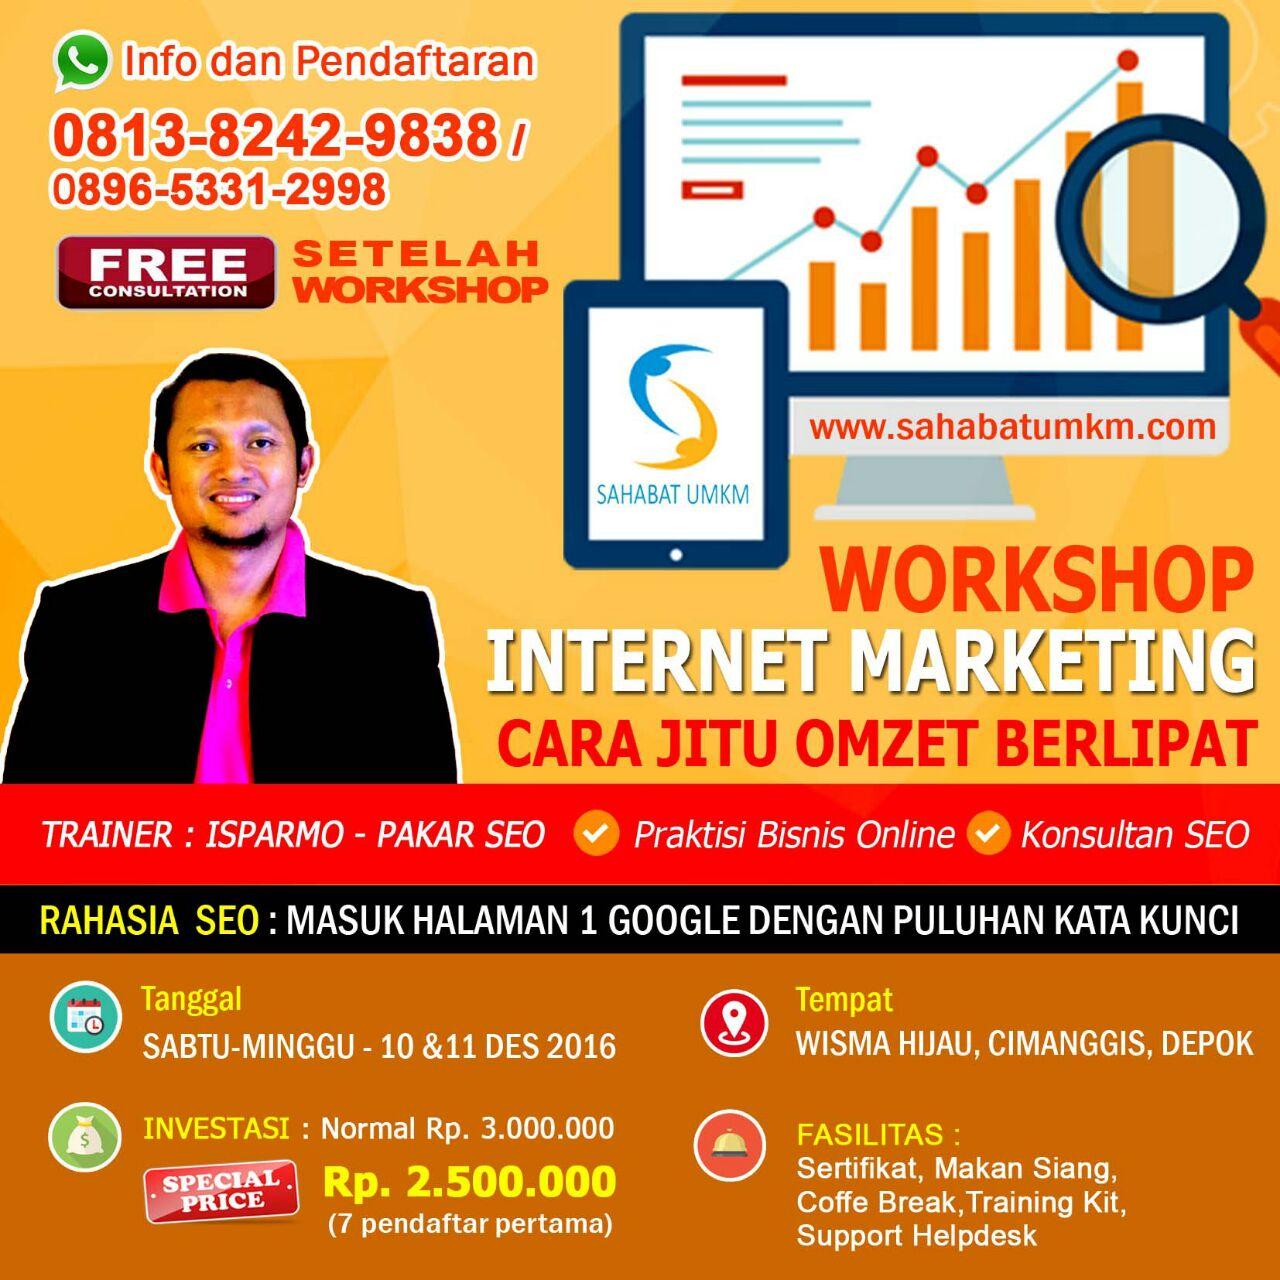 Pelatihan SEO Internet Marketing untuk UKM di Depok